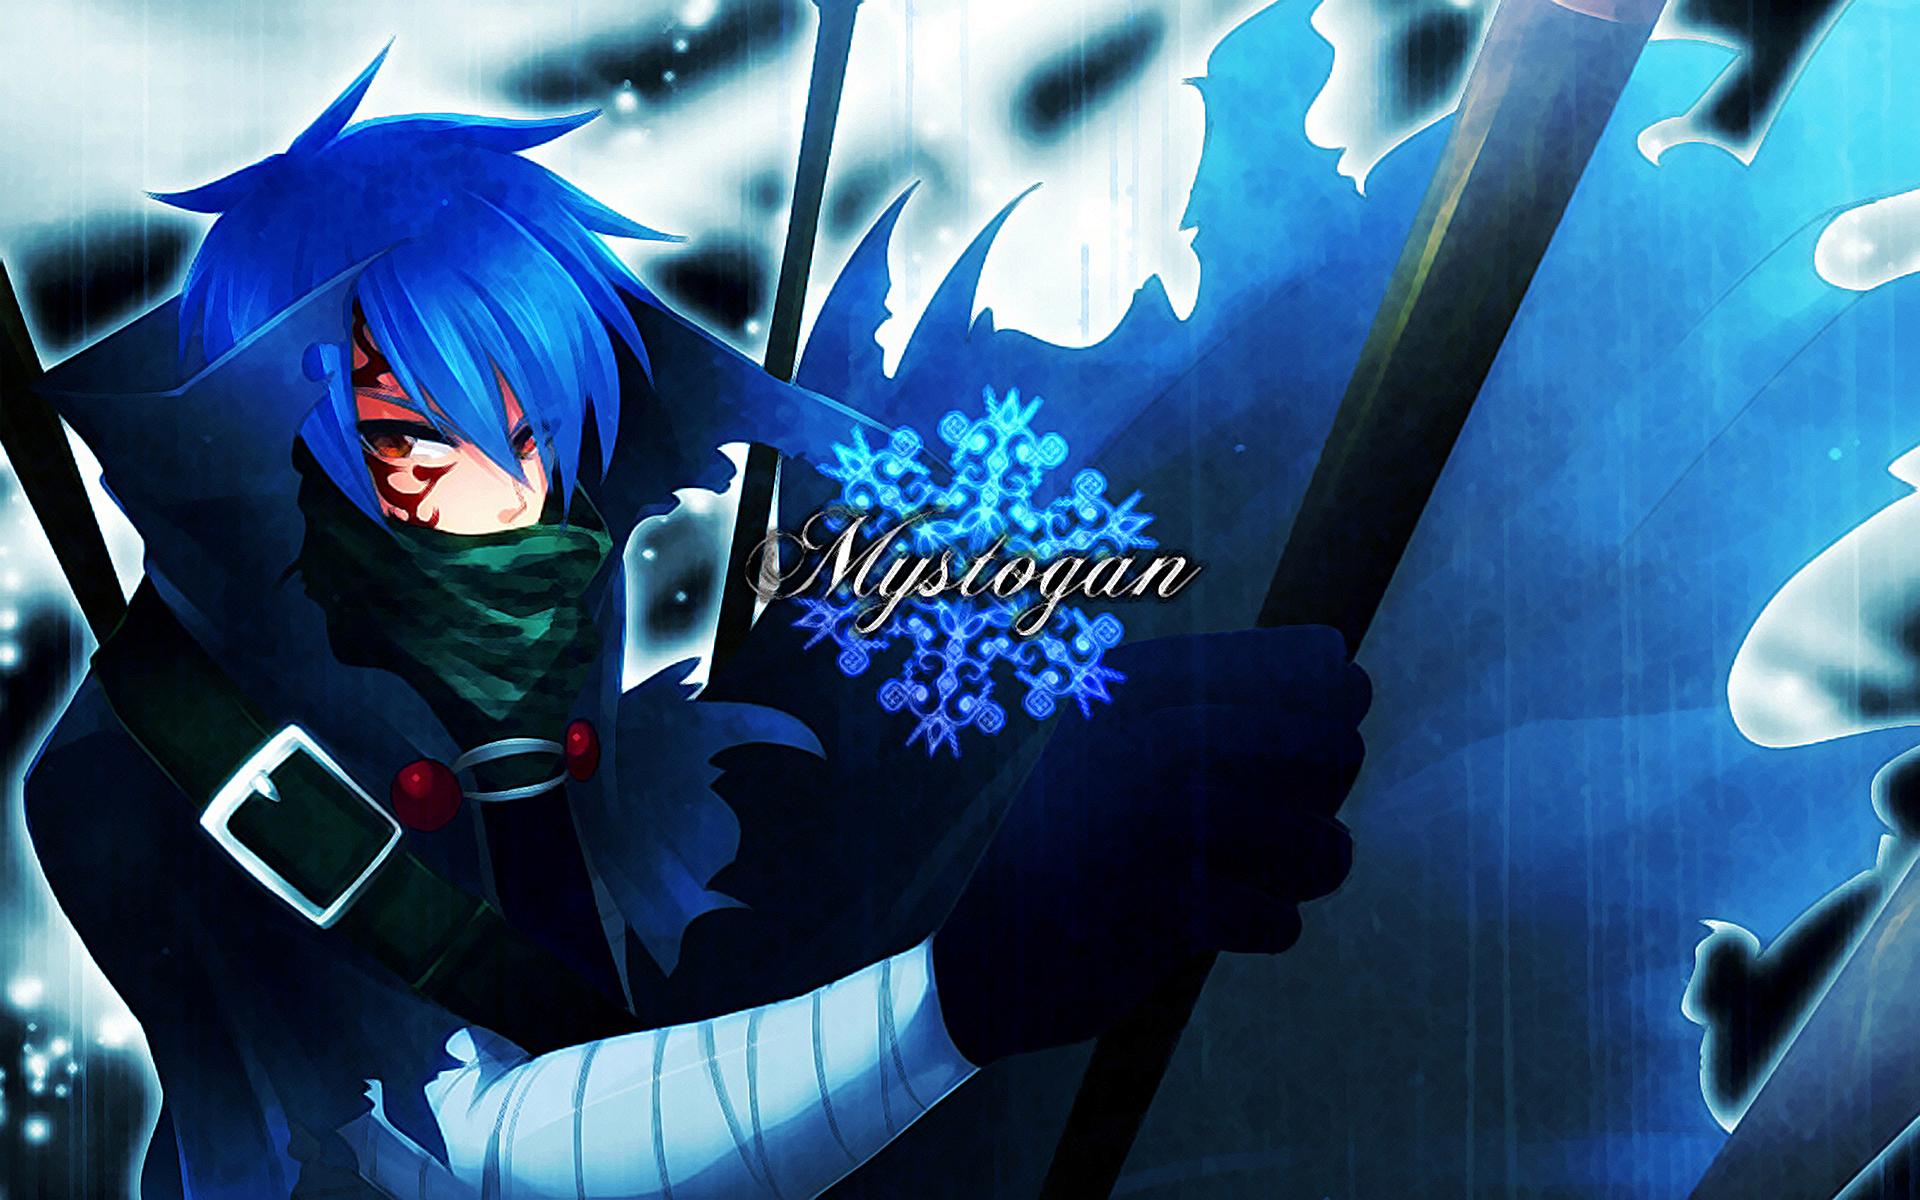 Mystogan Fairy Tail 3s Wallpaper HD